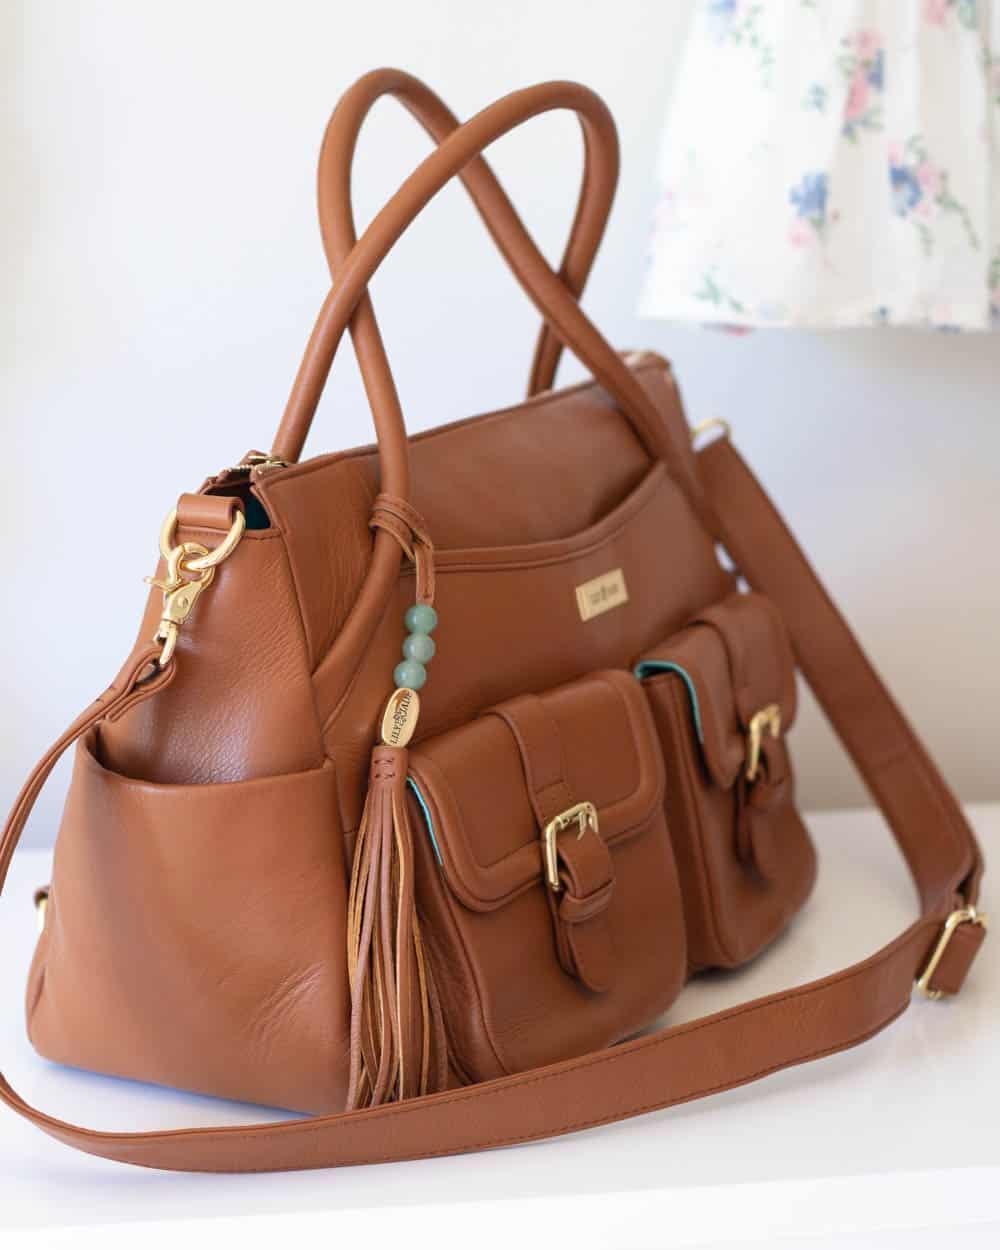 Details on the Lily Jade Elizabeth Diaper Bag.